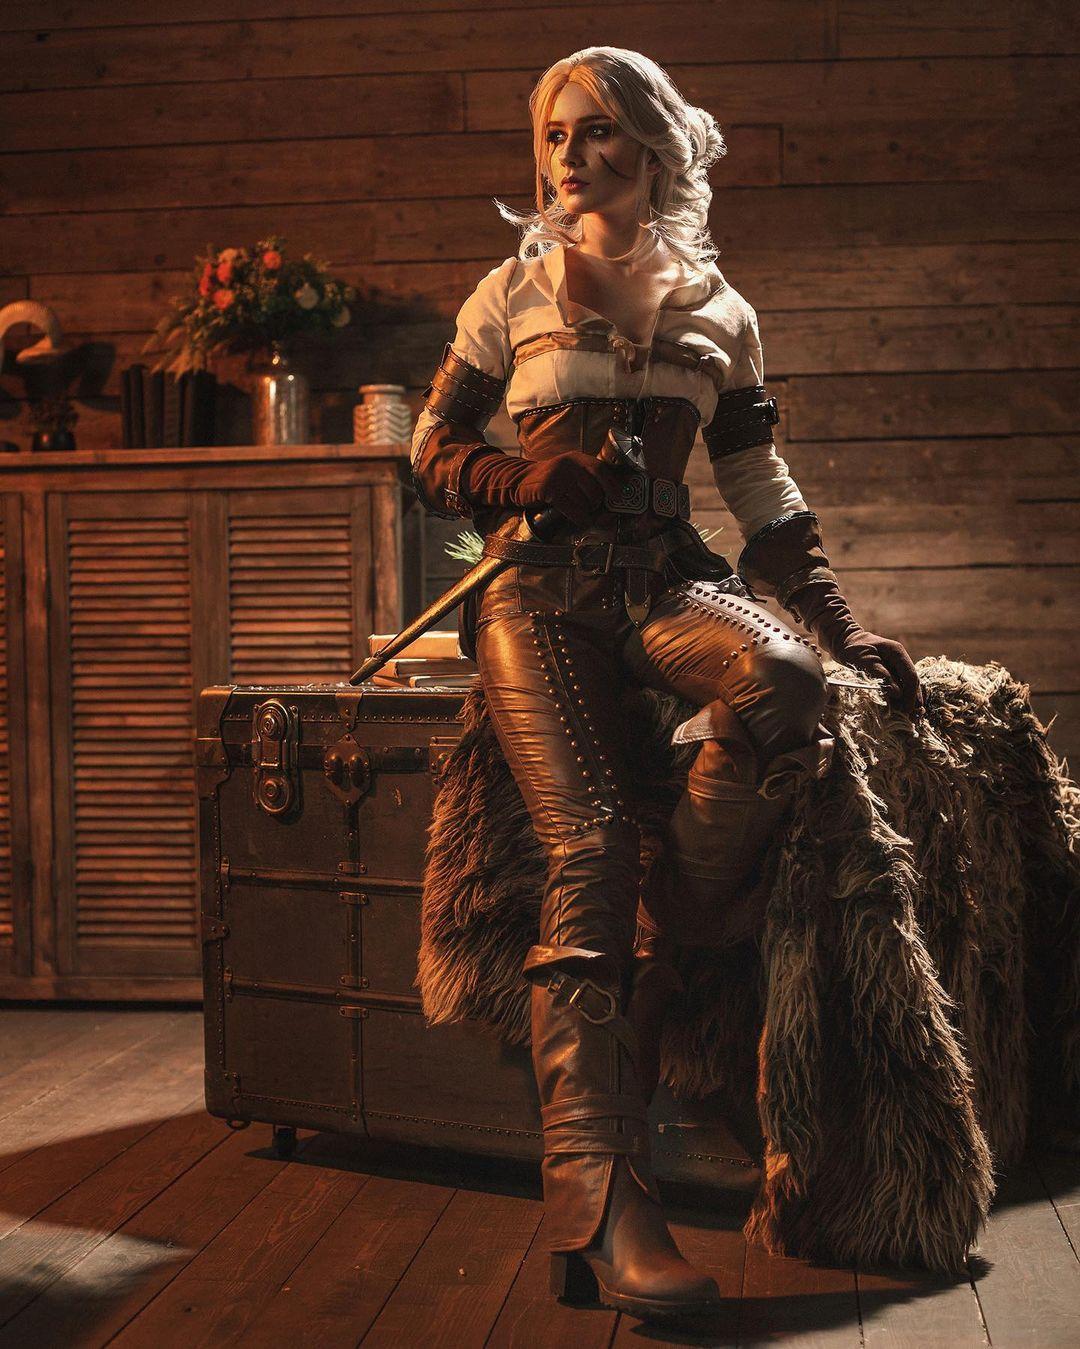 Imagem do cosplay da personagem Ciri, de The Witcher 3, sentada em cima de um baú